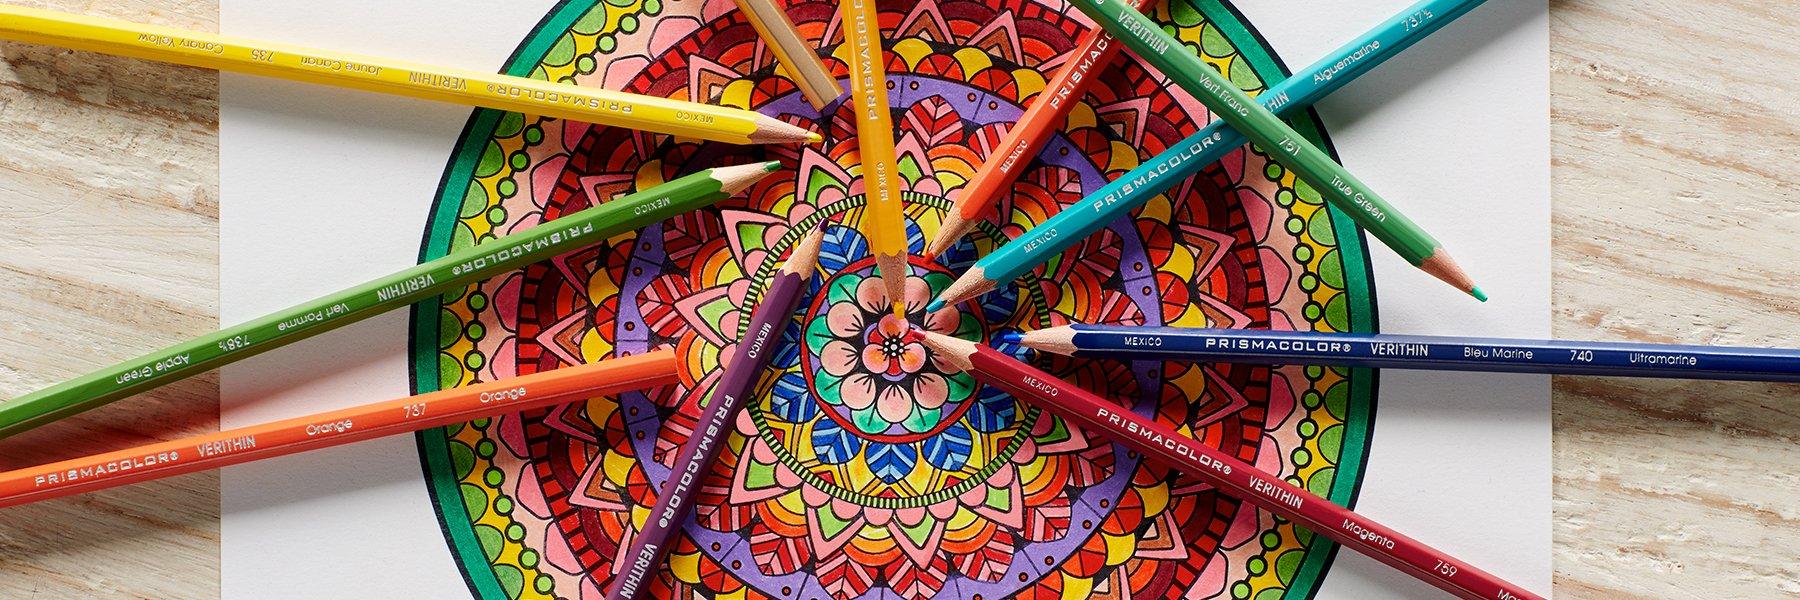 prismacolorcoloredpencilslimbp3pv2.jpg